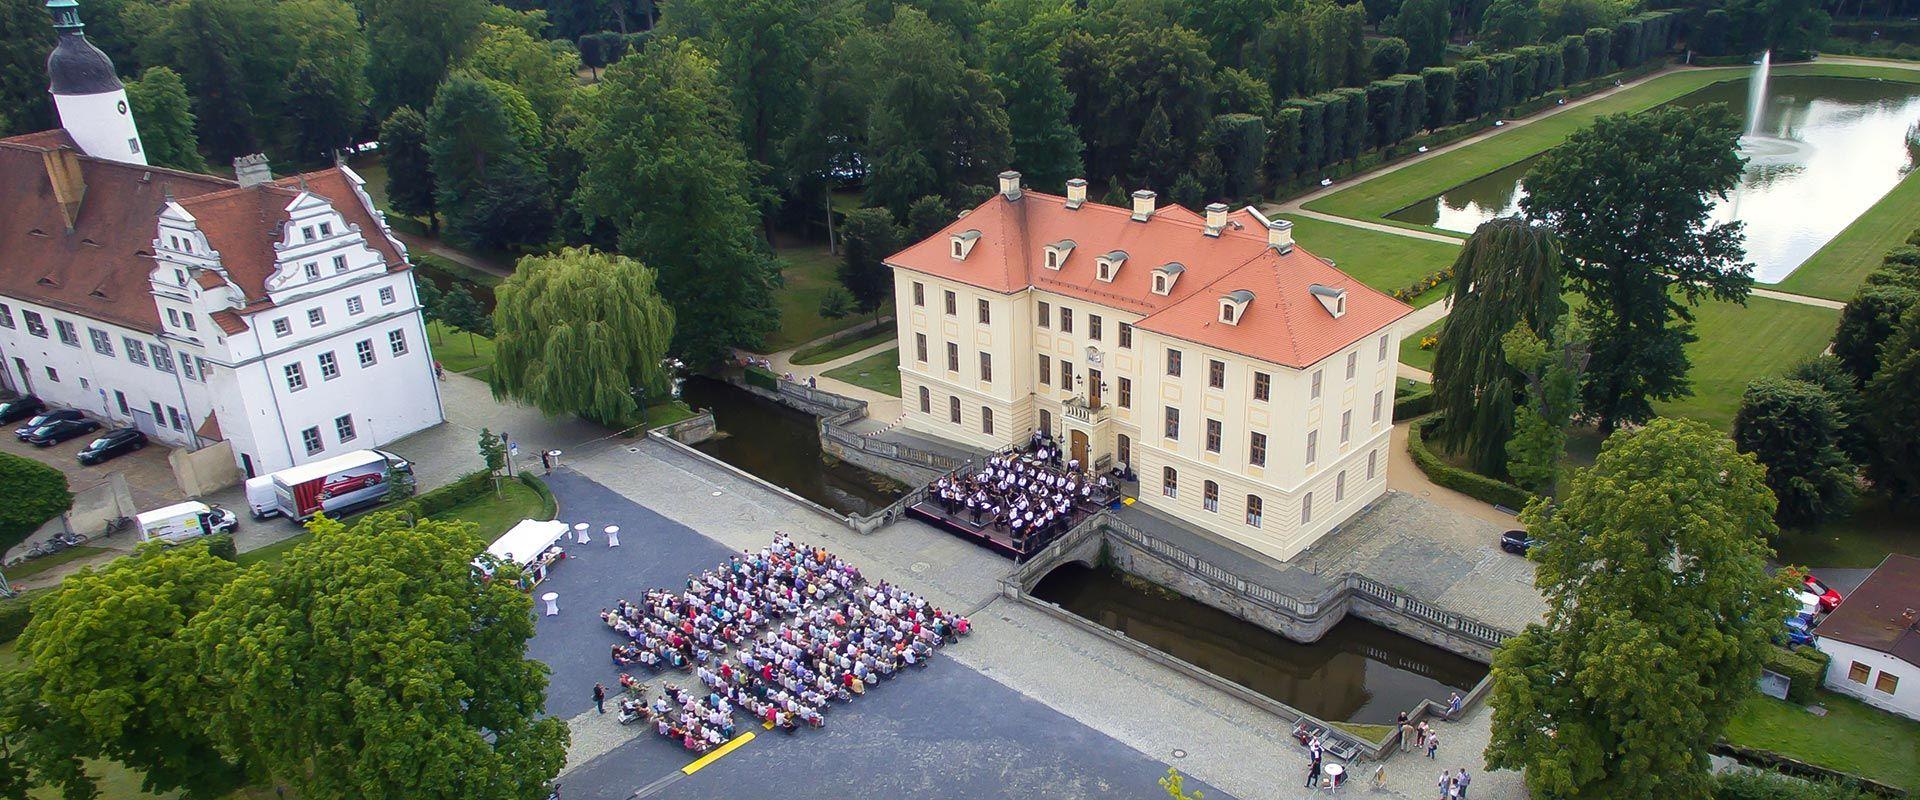 Videoproduktion Kulturzentrum Großenhain   Videoproduktion Sachsen